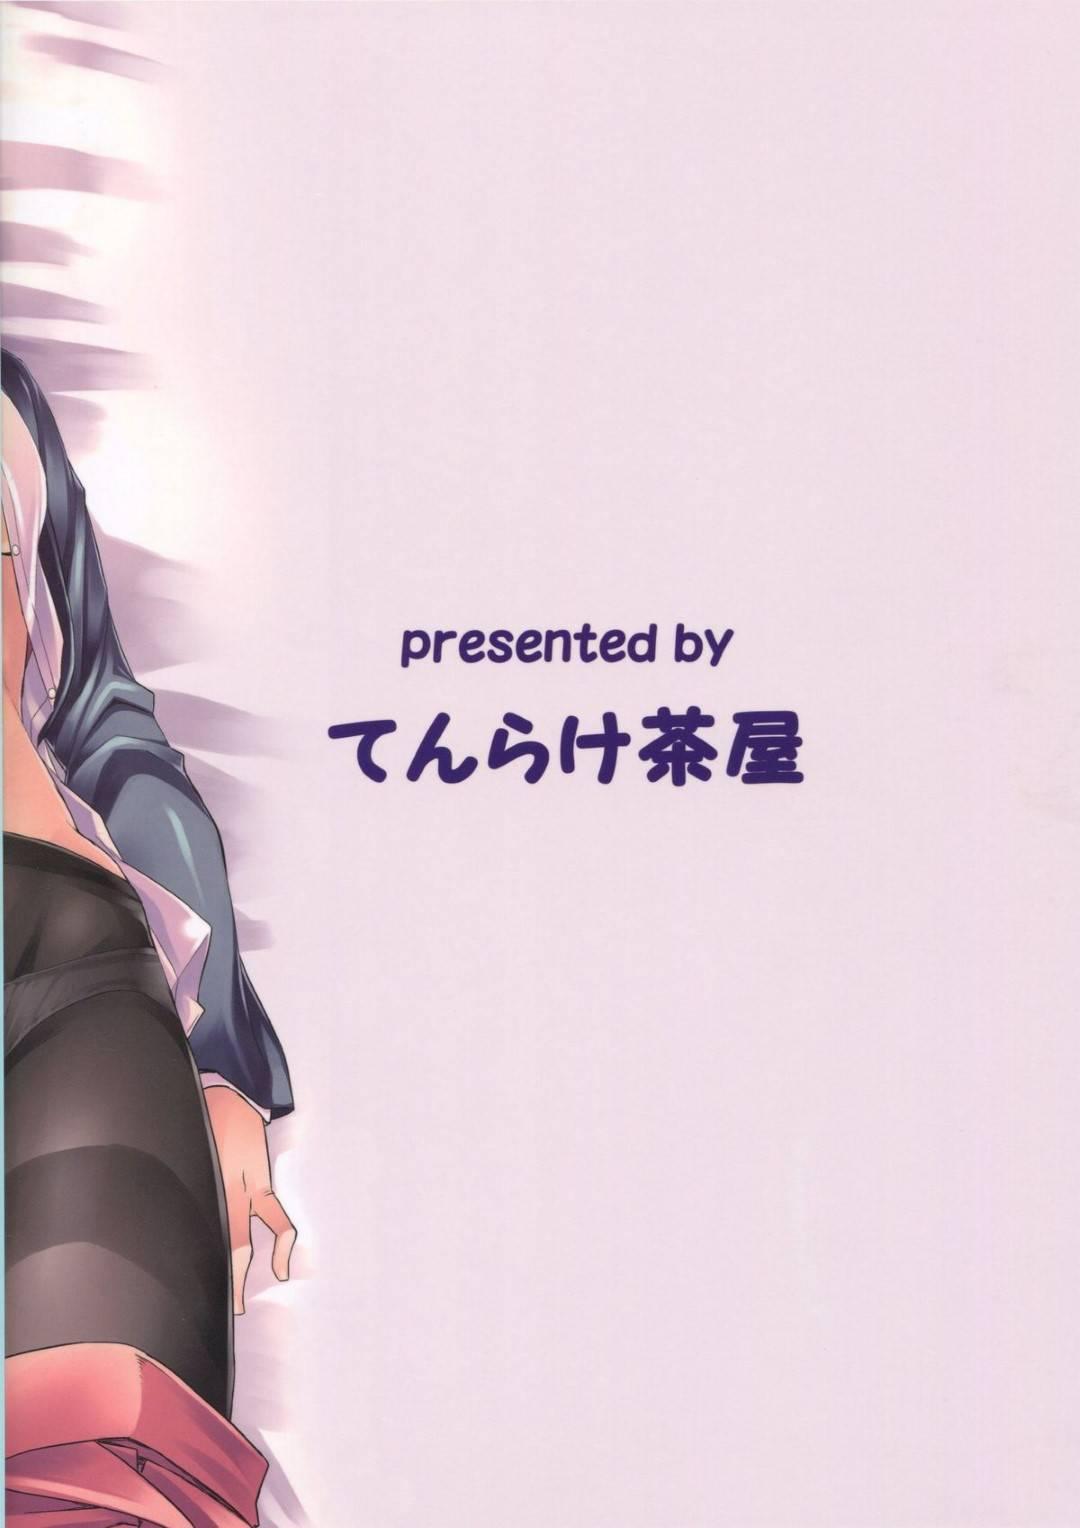 【エロ同人誌】提督を前にして姉に差し出される千代田…すでに姉にヌルヌルマンコにされた状態で、提督のデカチンポで絶頂イキ狂い點せられる激しいセックス!【あーる。:ちとちよつづり】